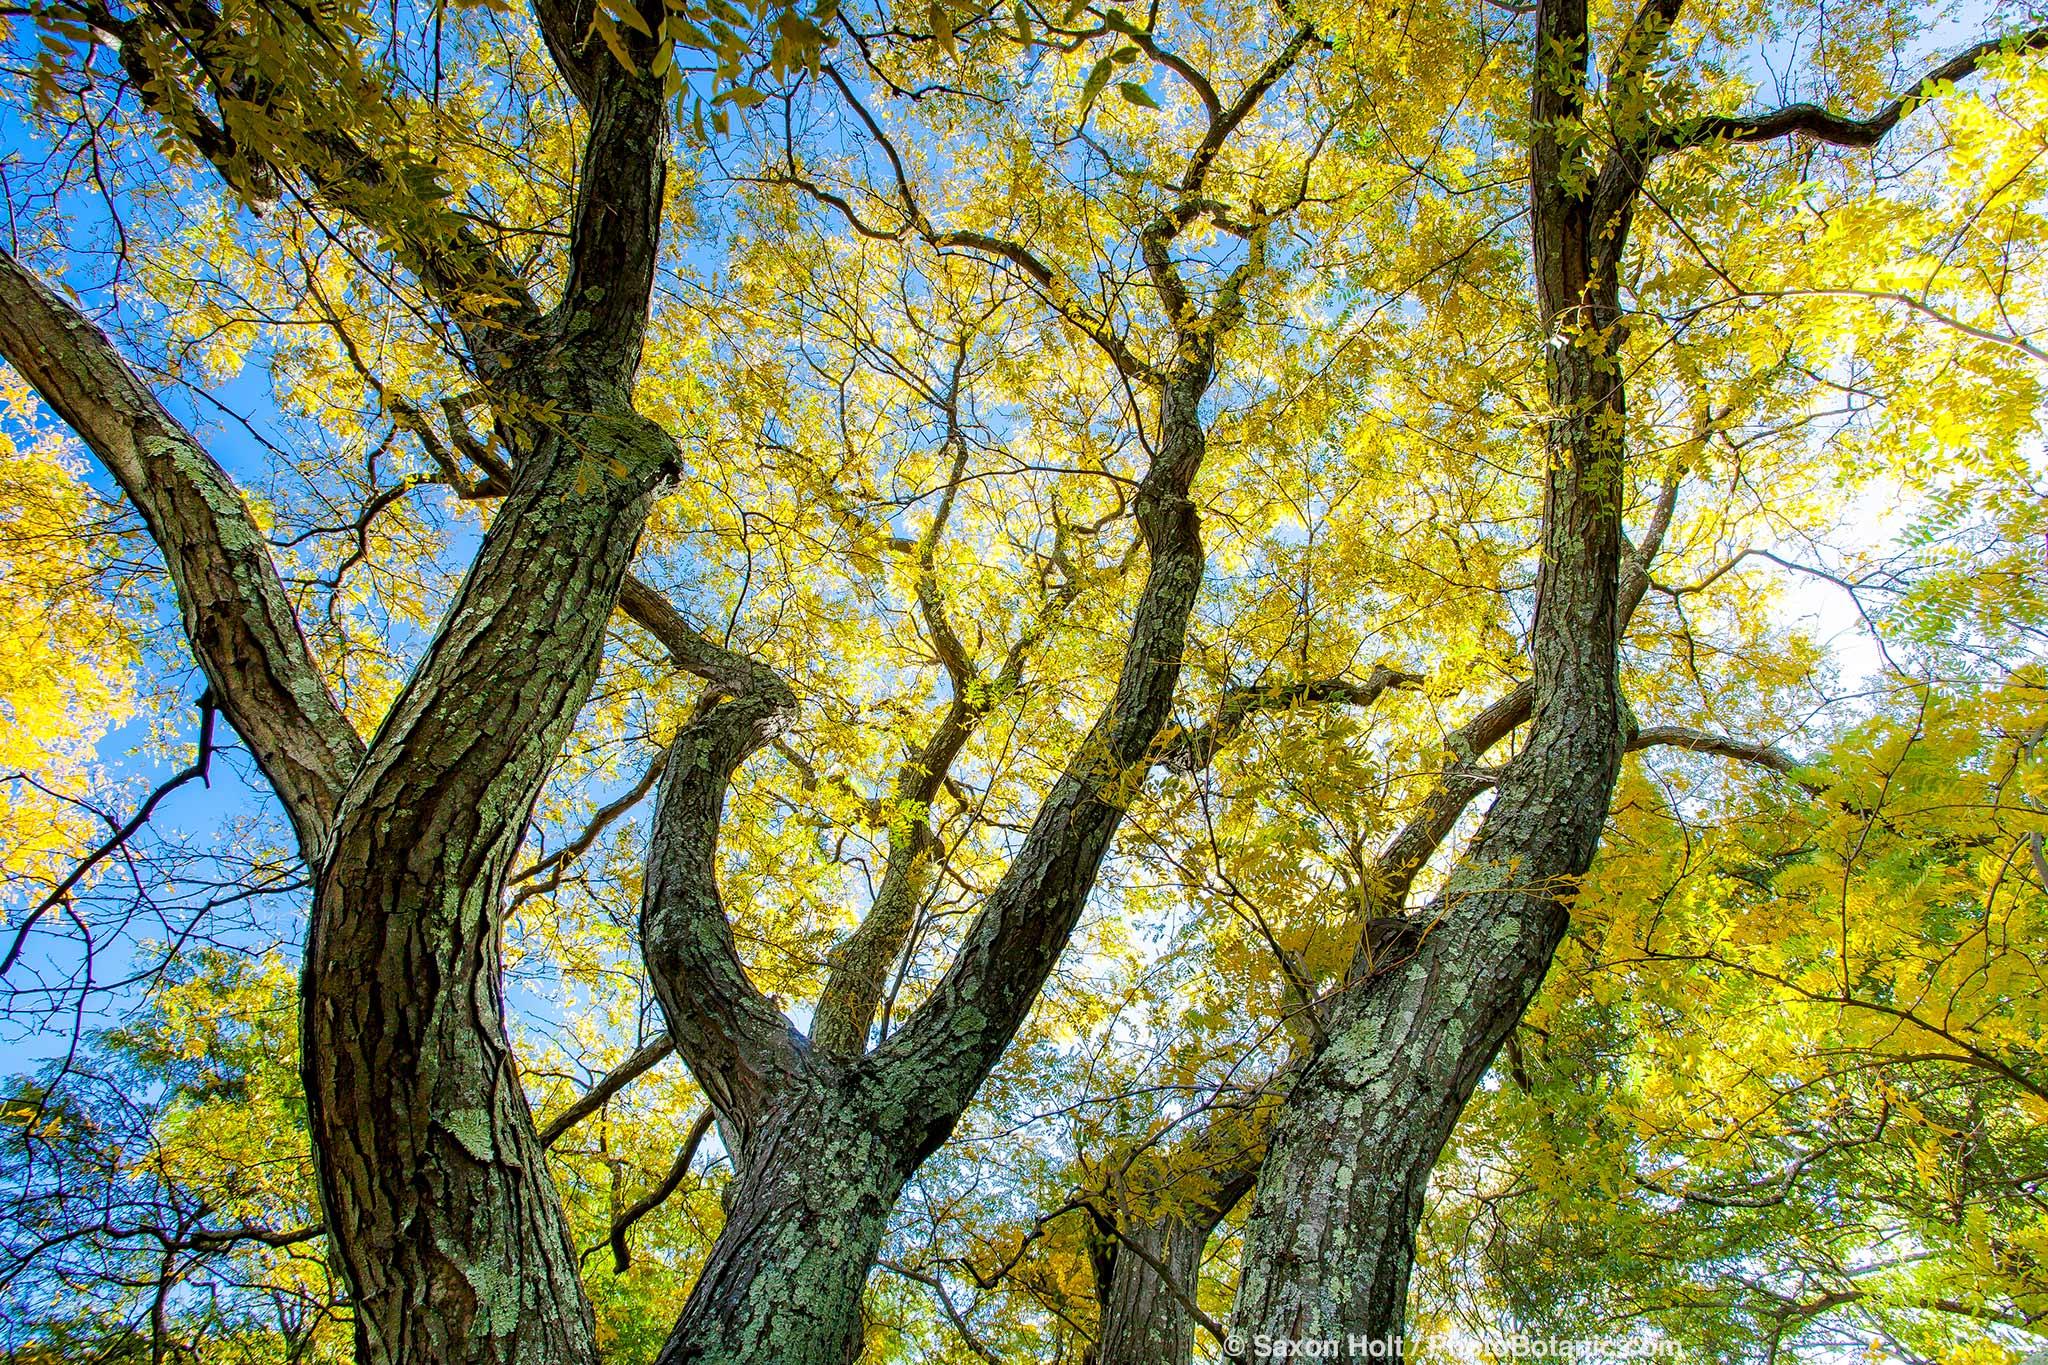 Gleditsia triacanthos 'Imperial', Honeylocust Tree; Arnold Arboretum